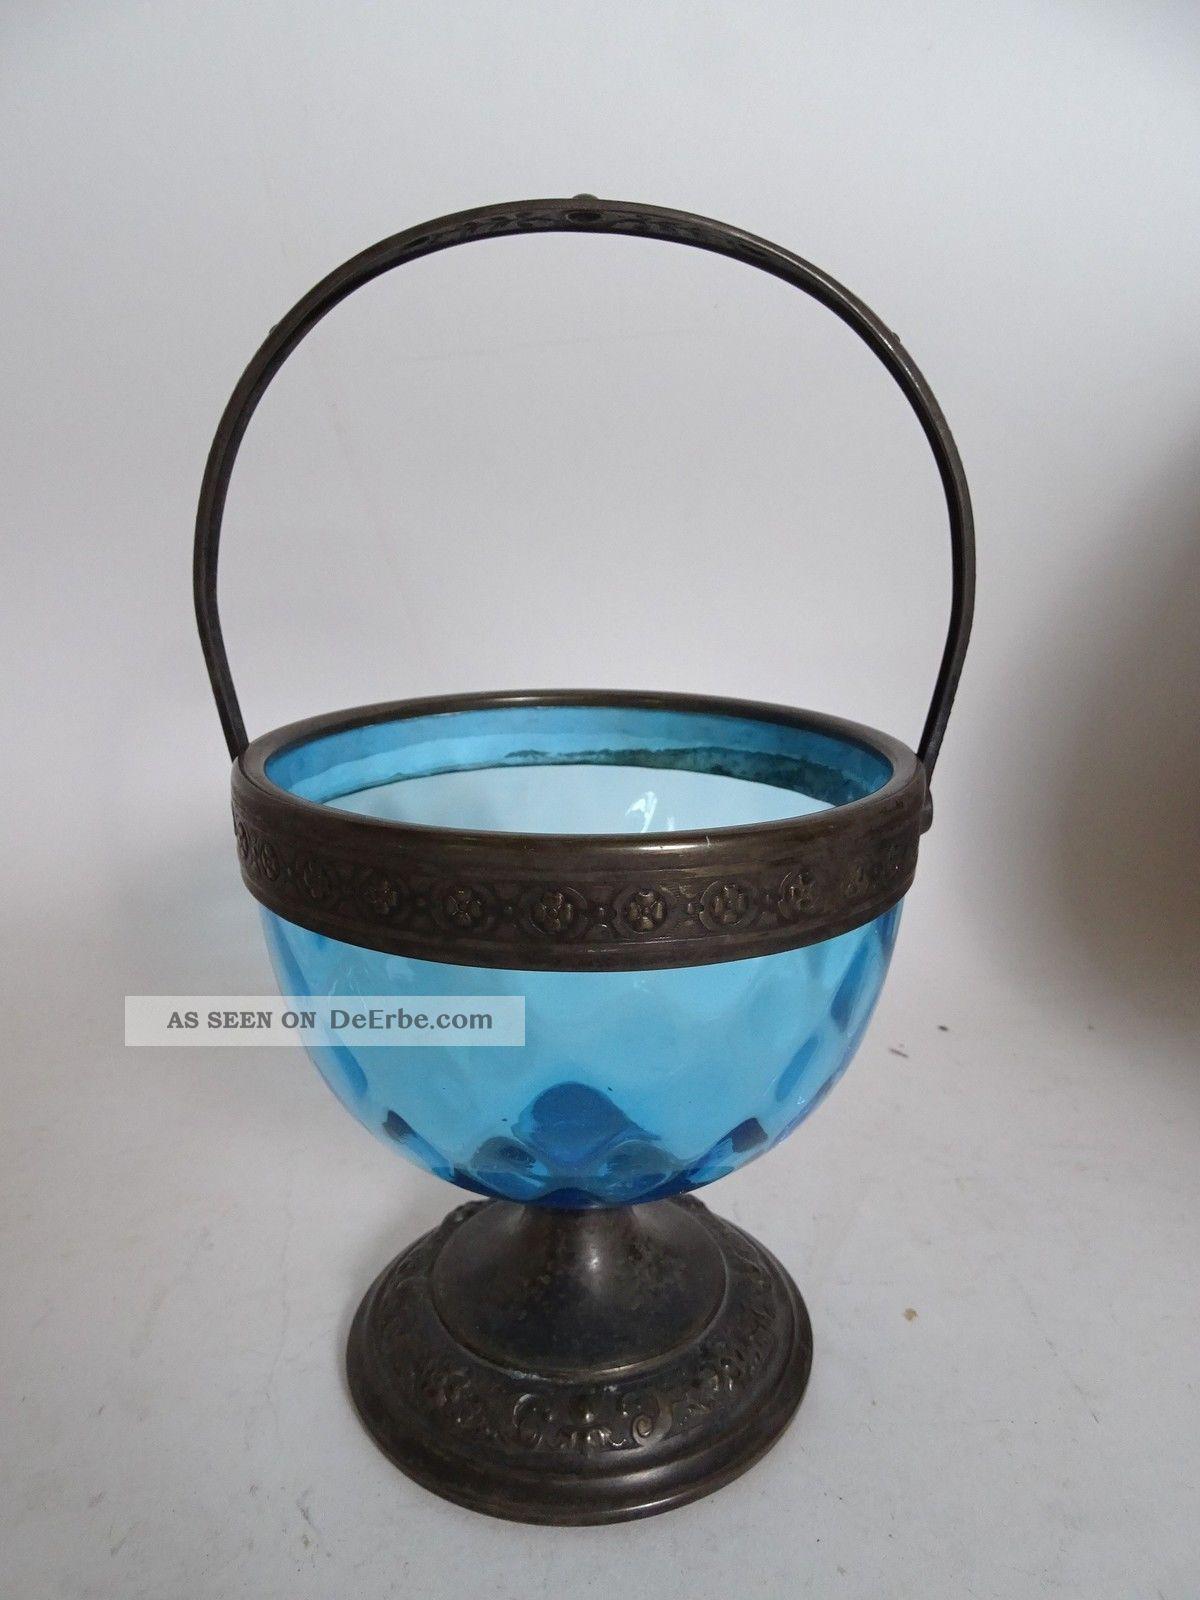 Seltene Wmf Rarität Metall Blaues Glas Antike Fuß Henkelschale Vor 1900 Sammlerglas Bild